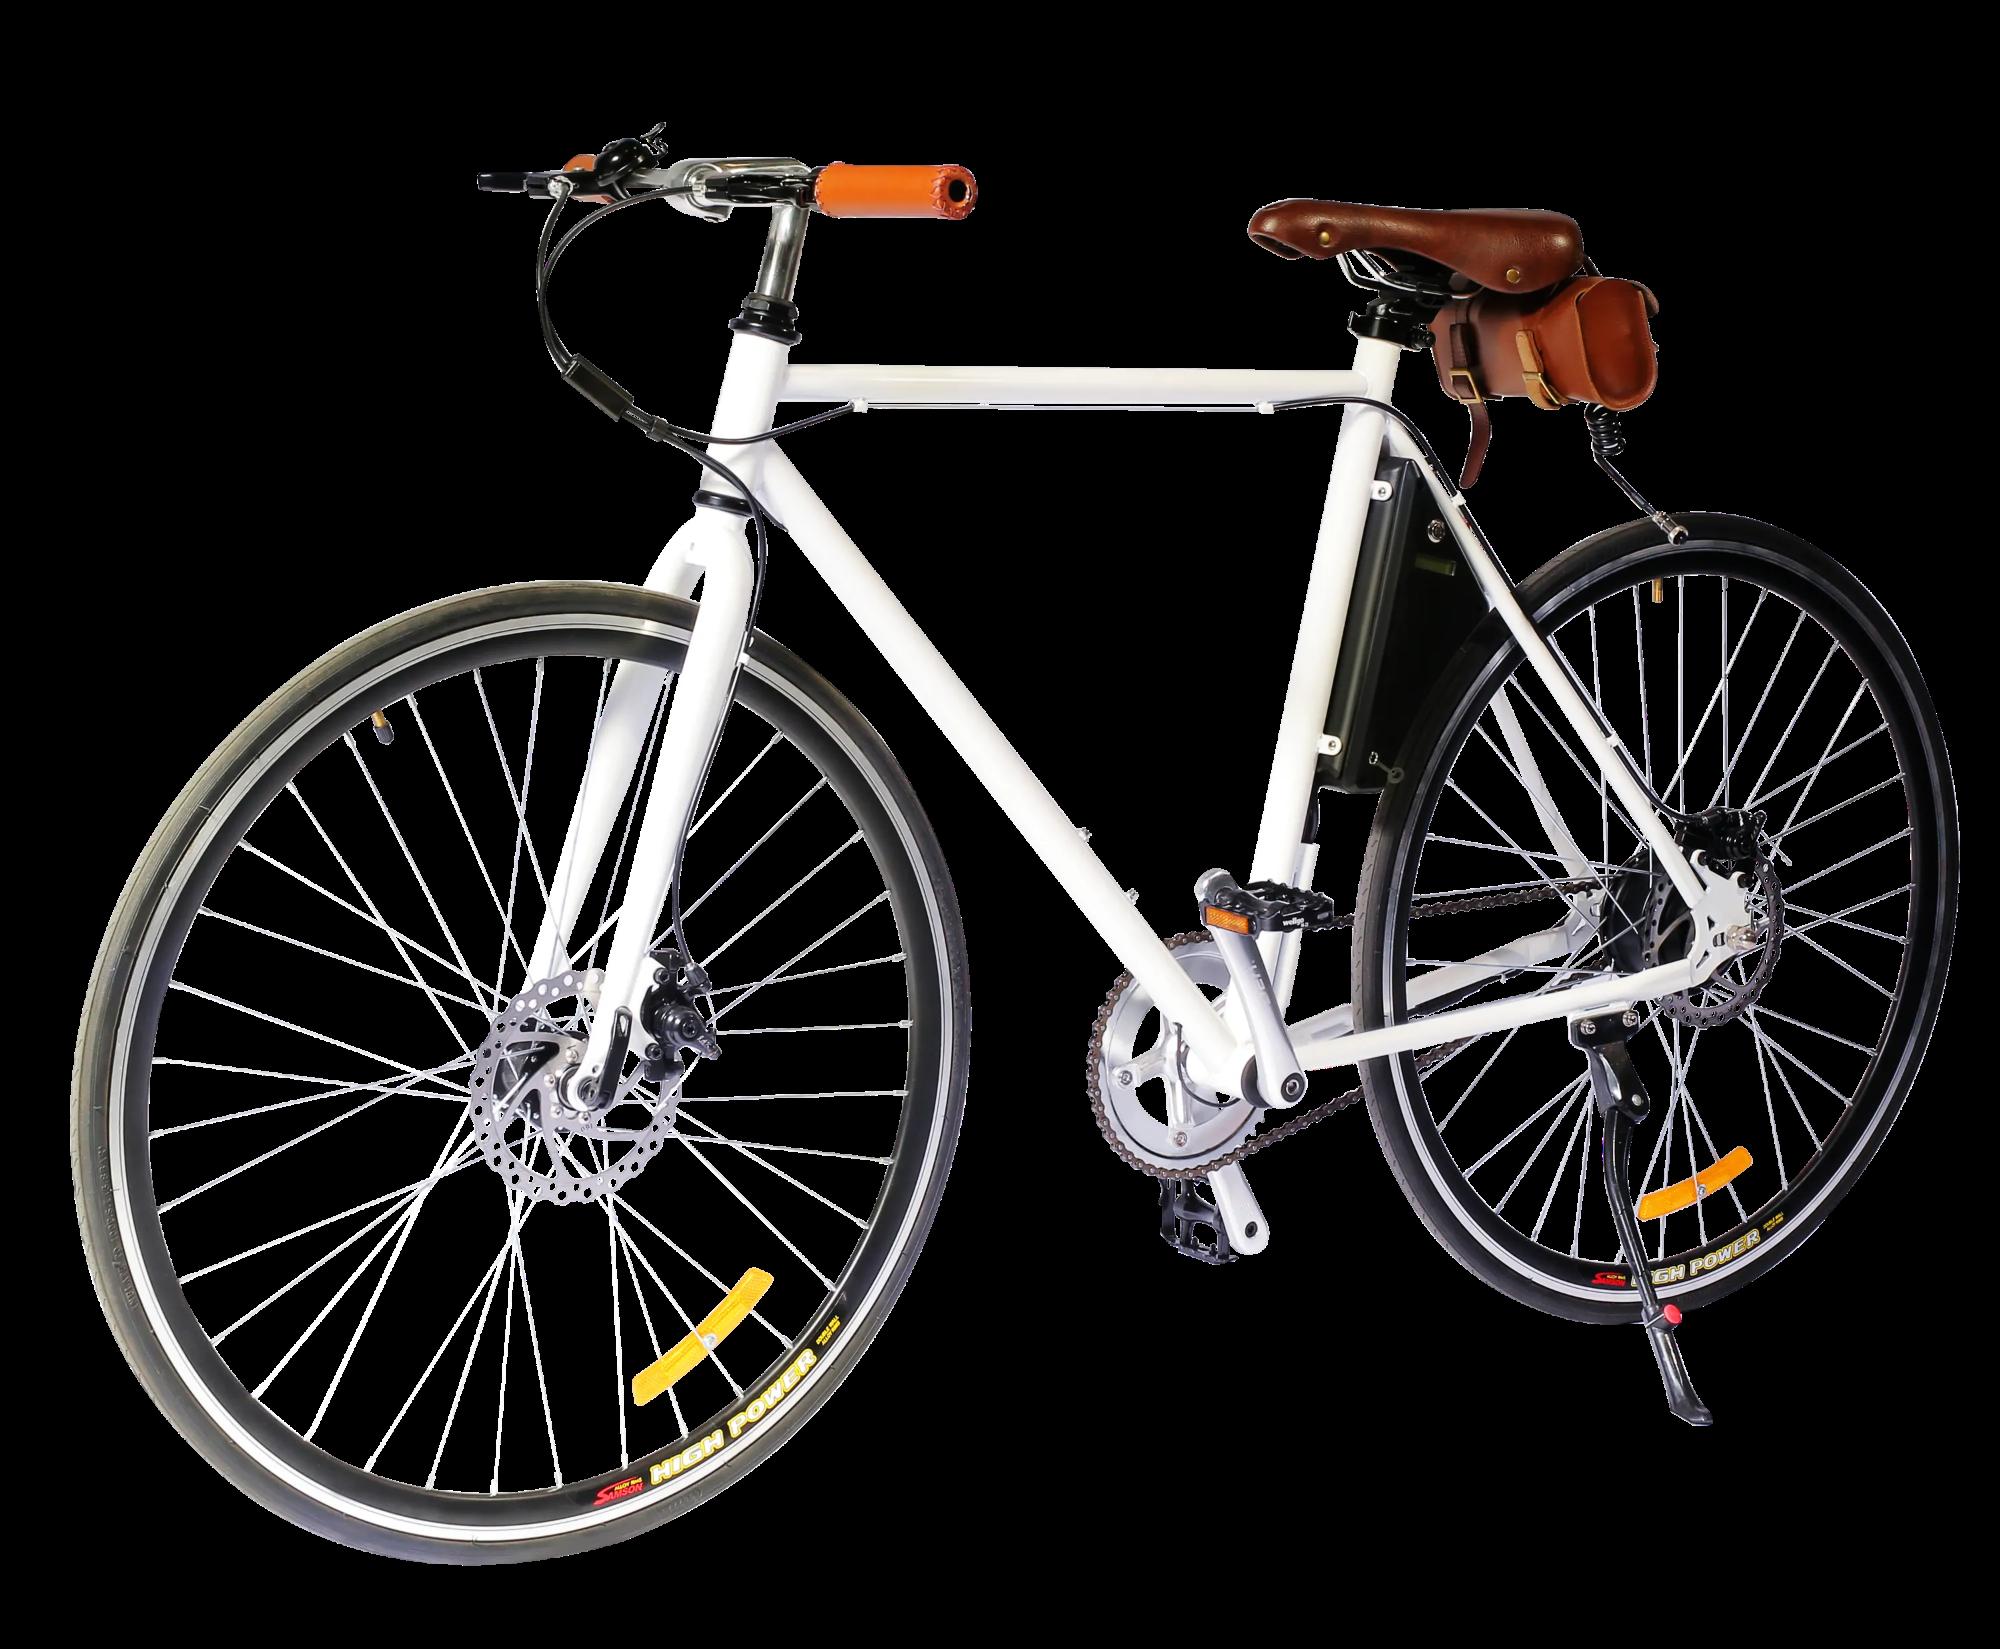 White E-bike - SUNL